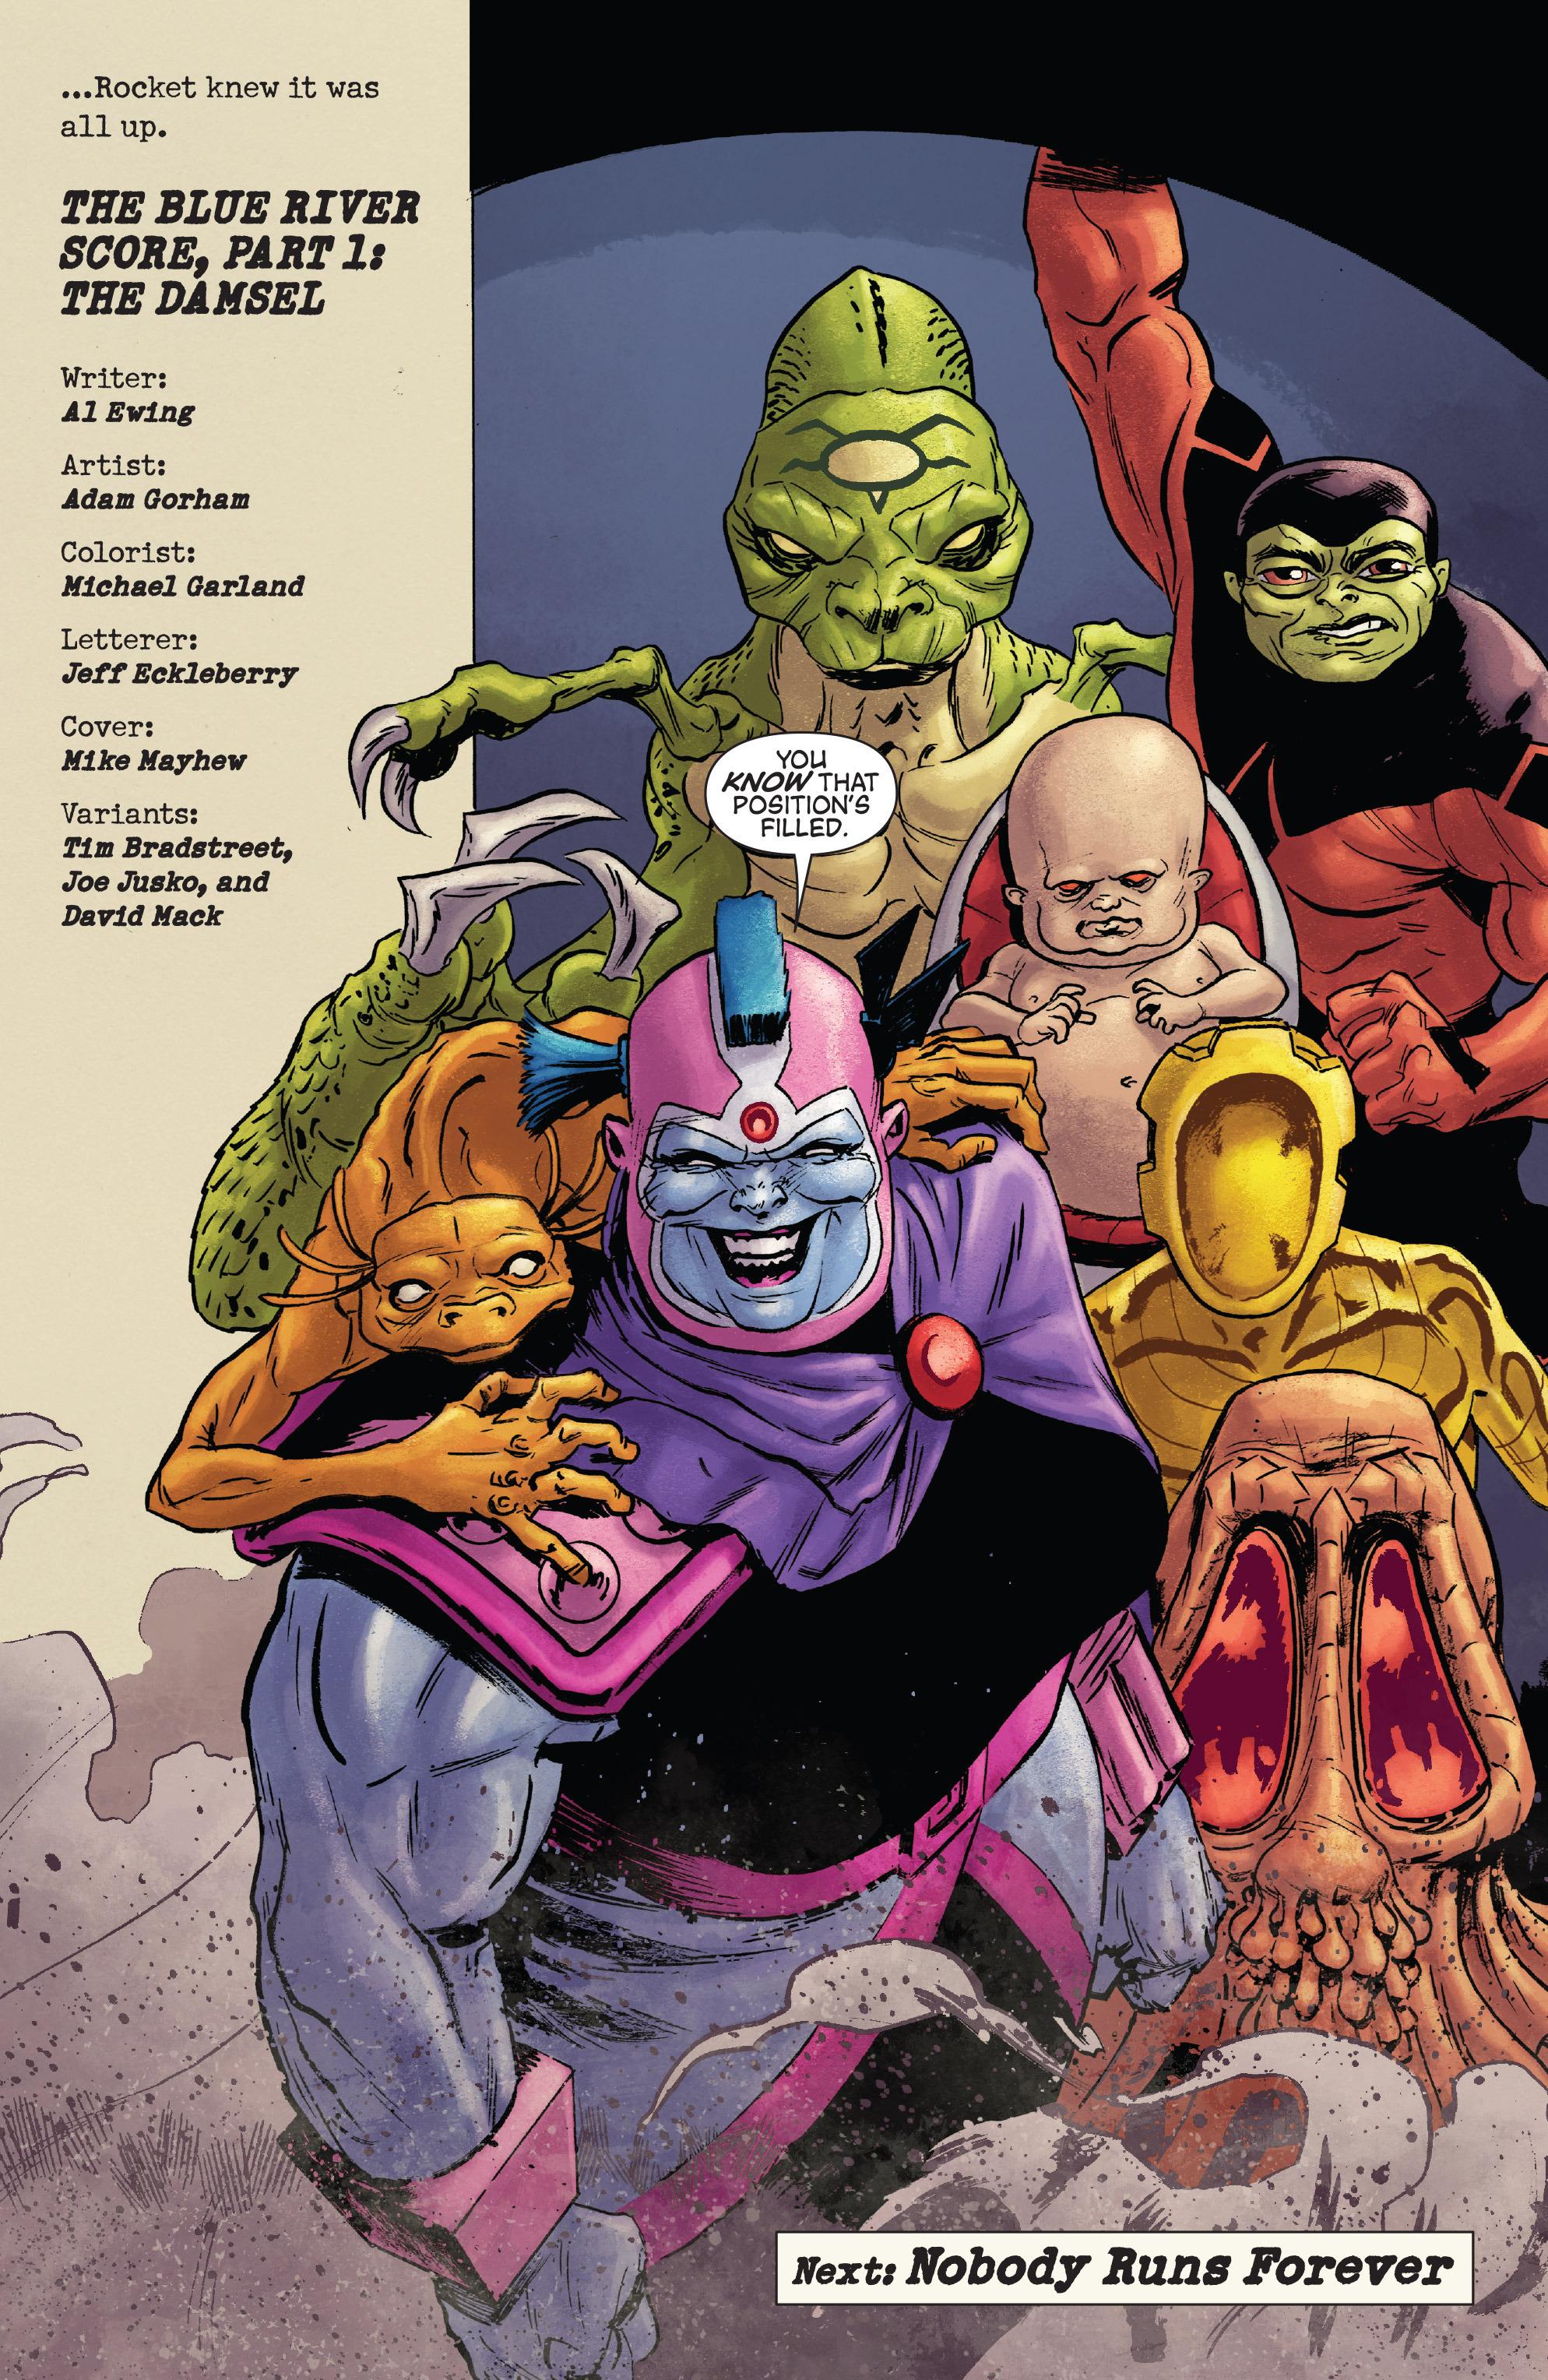 Read online Rocket comic -  Issue #1 - 22